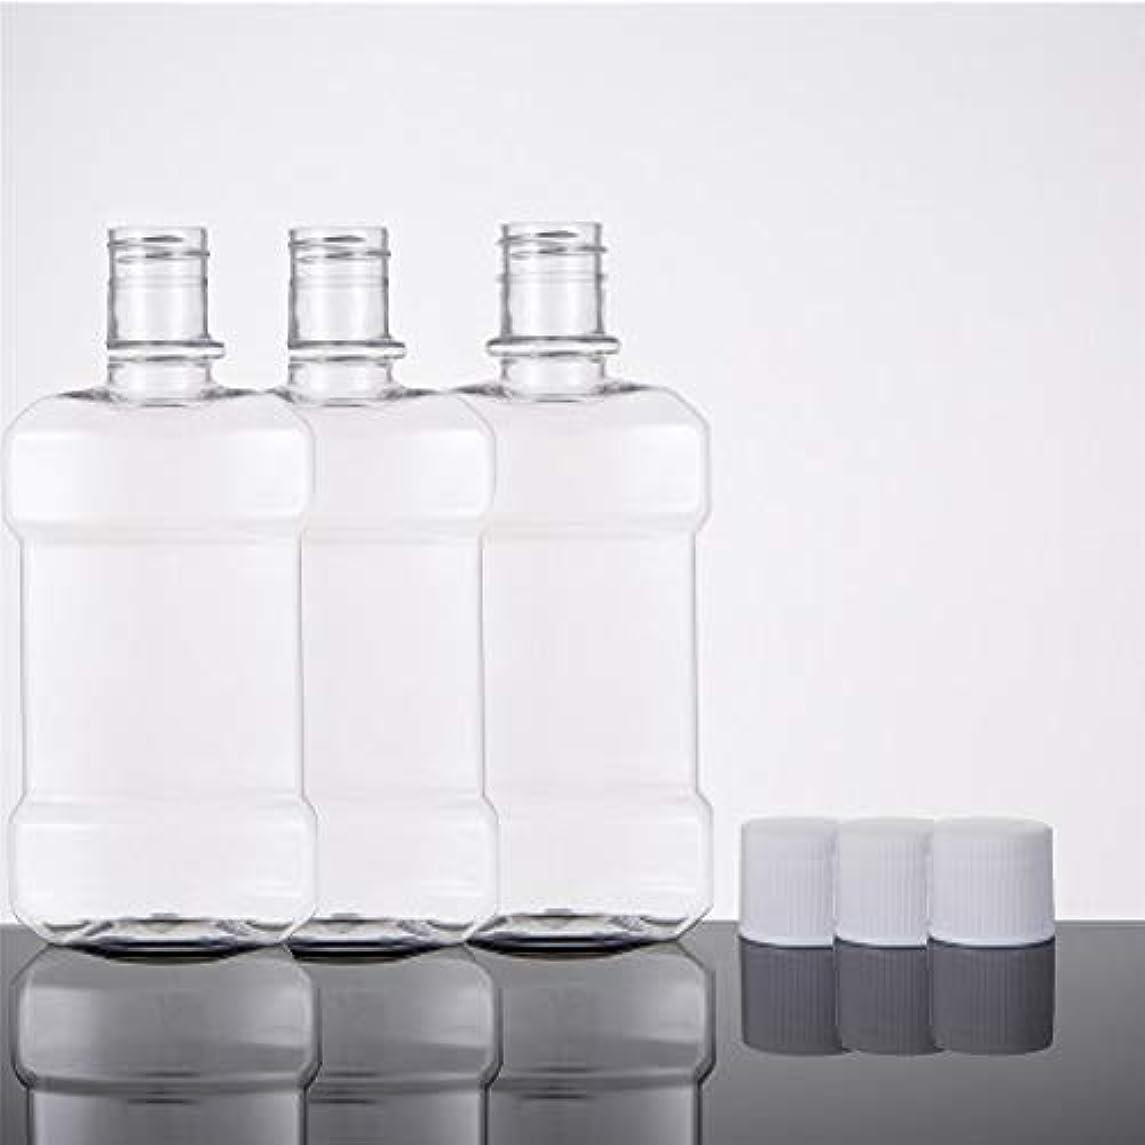 お気に入り奇妙なツインSHKI マウスウォッシュ専用詰め替えボトル 250ml*3個 空ボトル 3個セット 持ち運び便利